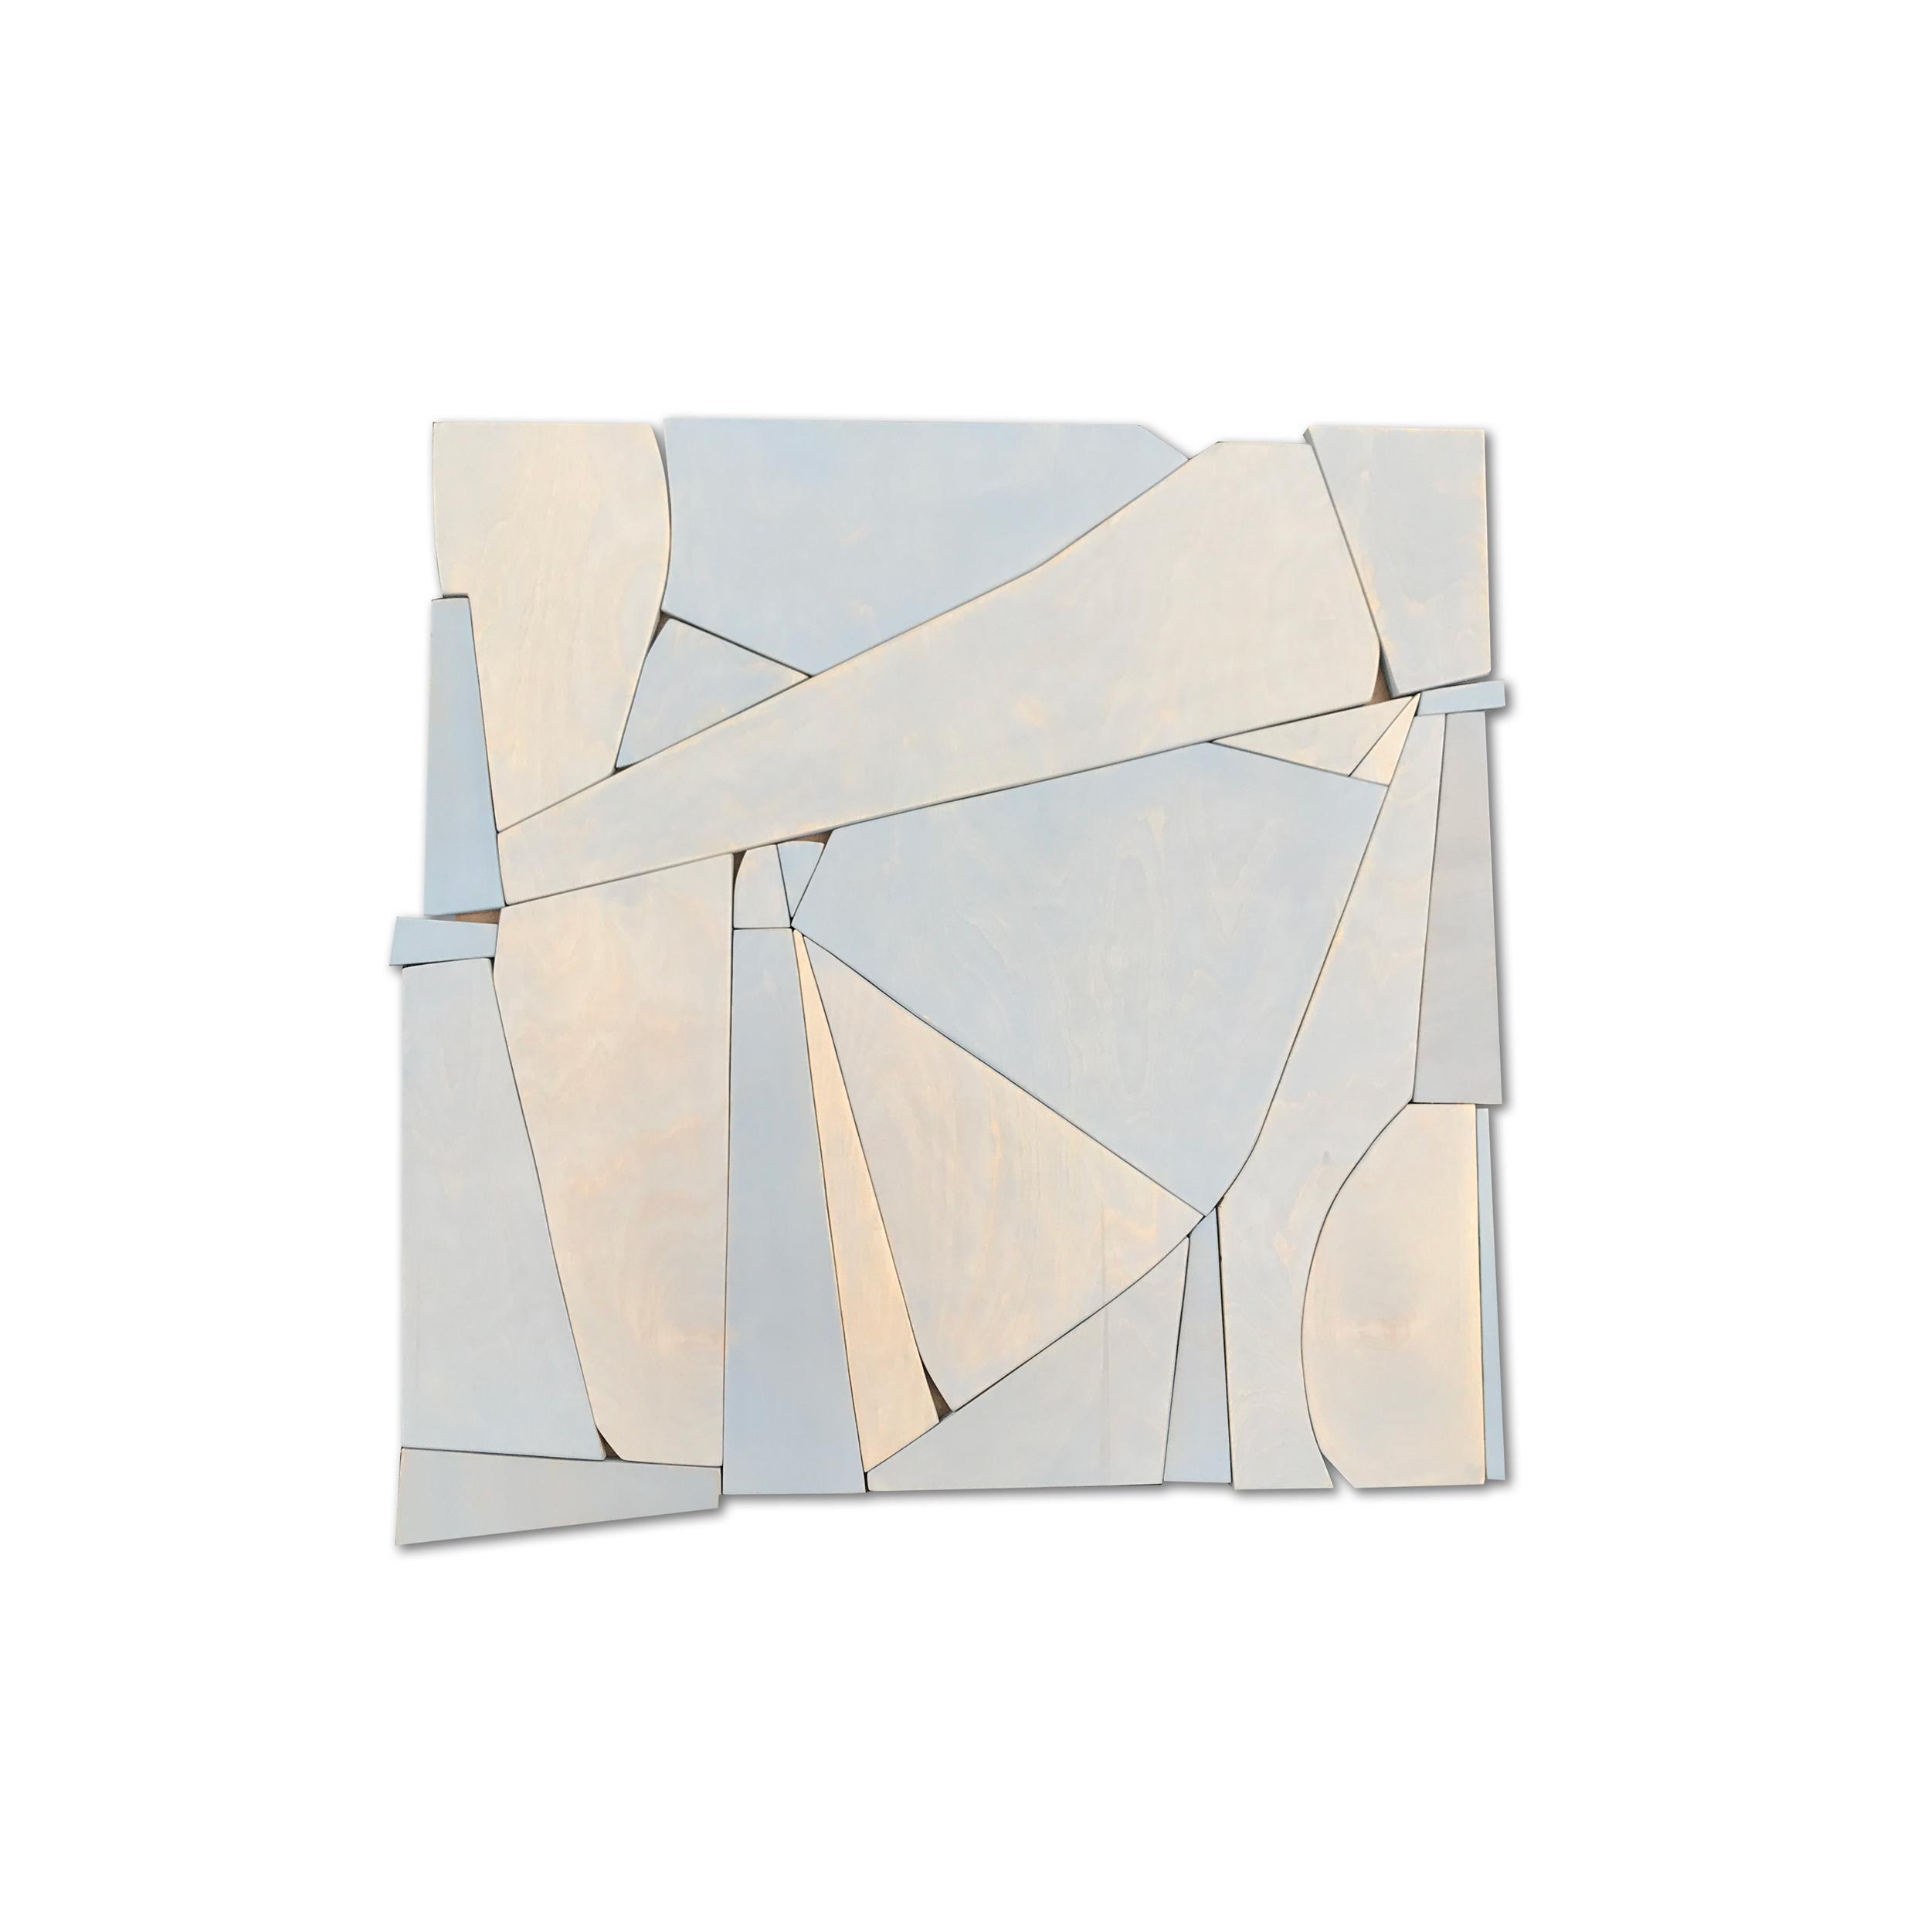 Bottlenose II (modern abstract wall sculpture minimal geometric design neutrals)